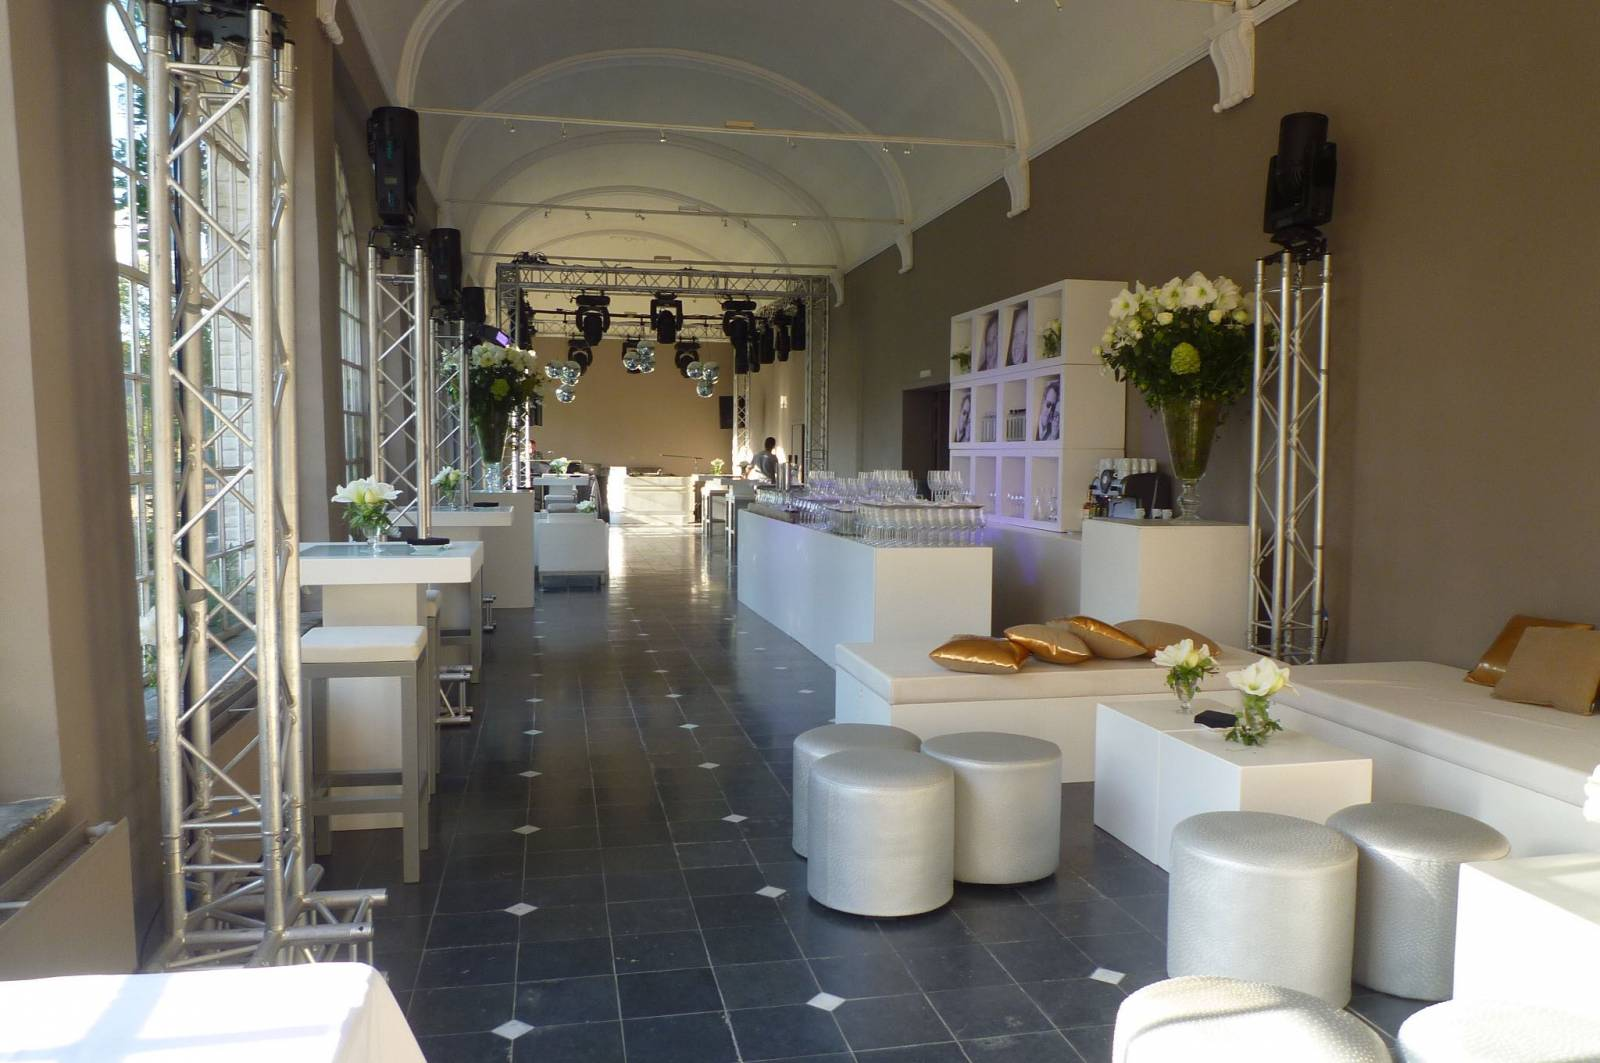 Kasteel van Leeuwergem - Feestzaal - House of Weddings  - 2